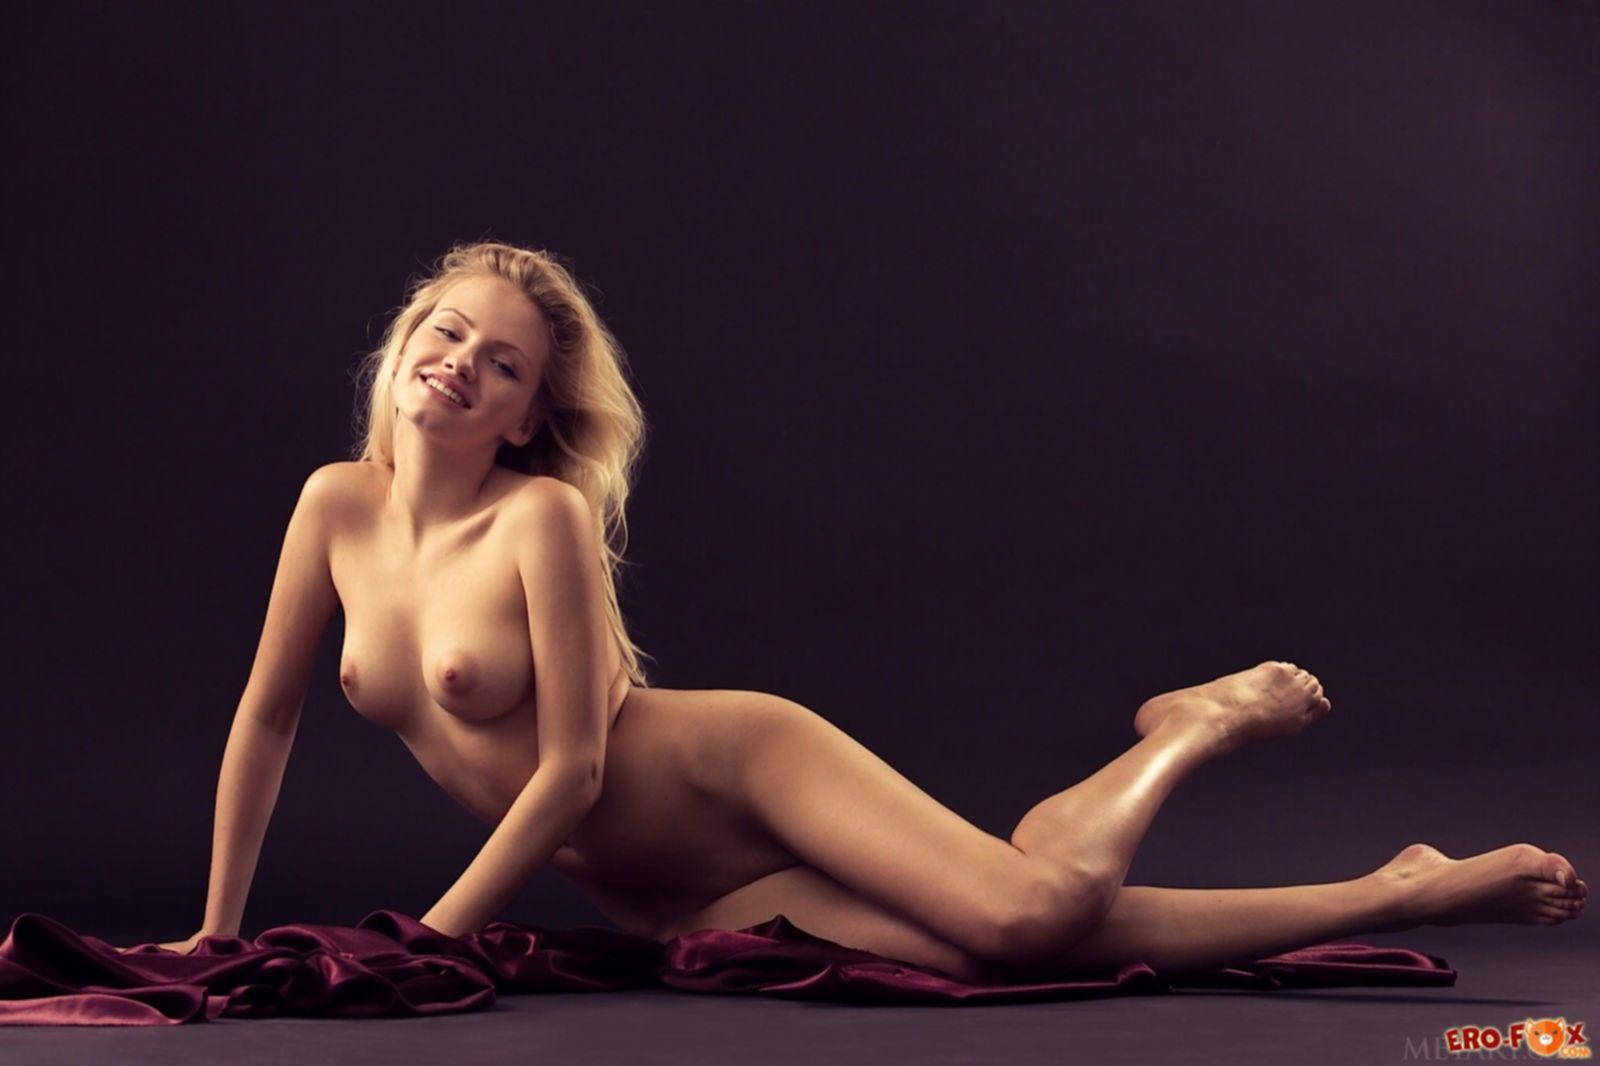 Красивая светловолосая модель с сексуальным телом - фото